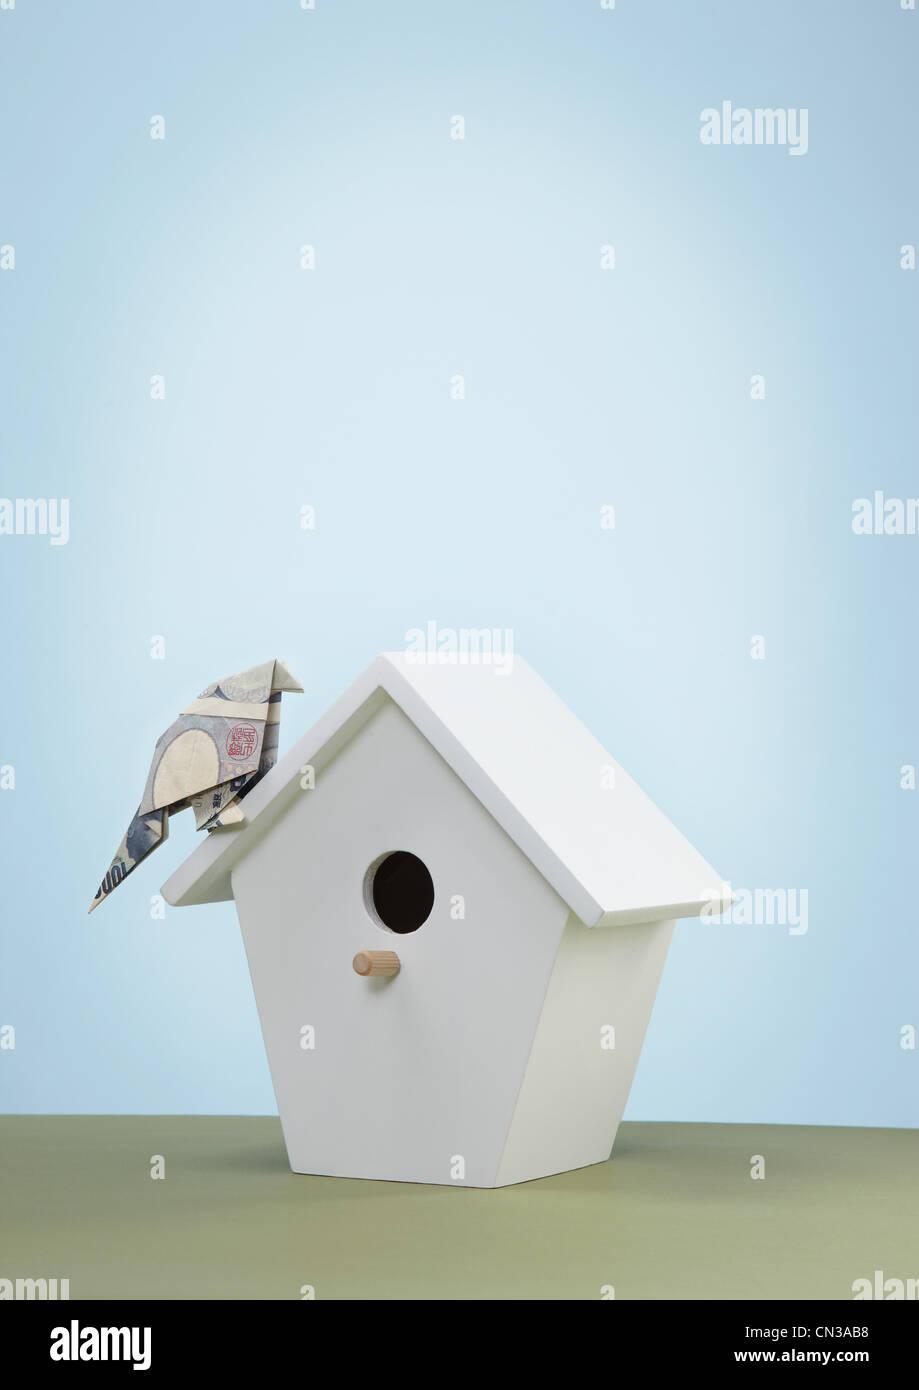 Origami-Yen-Banknoten imitieren von Vogel zu Vogel-Kasten Stockbild